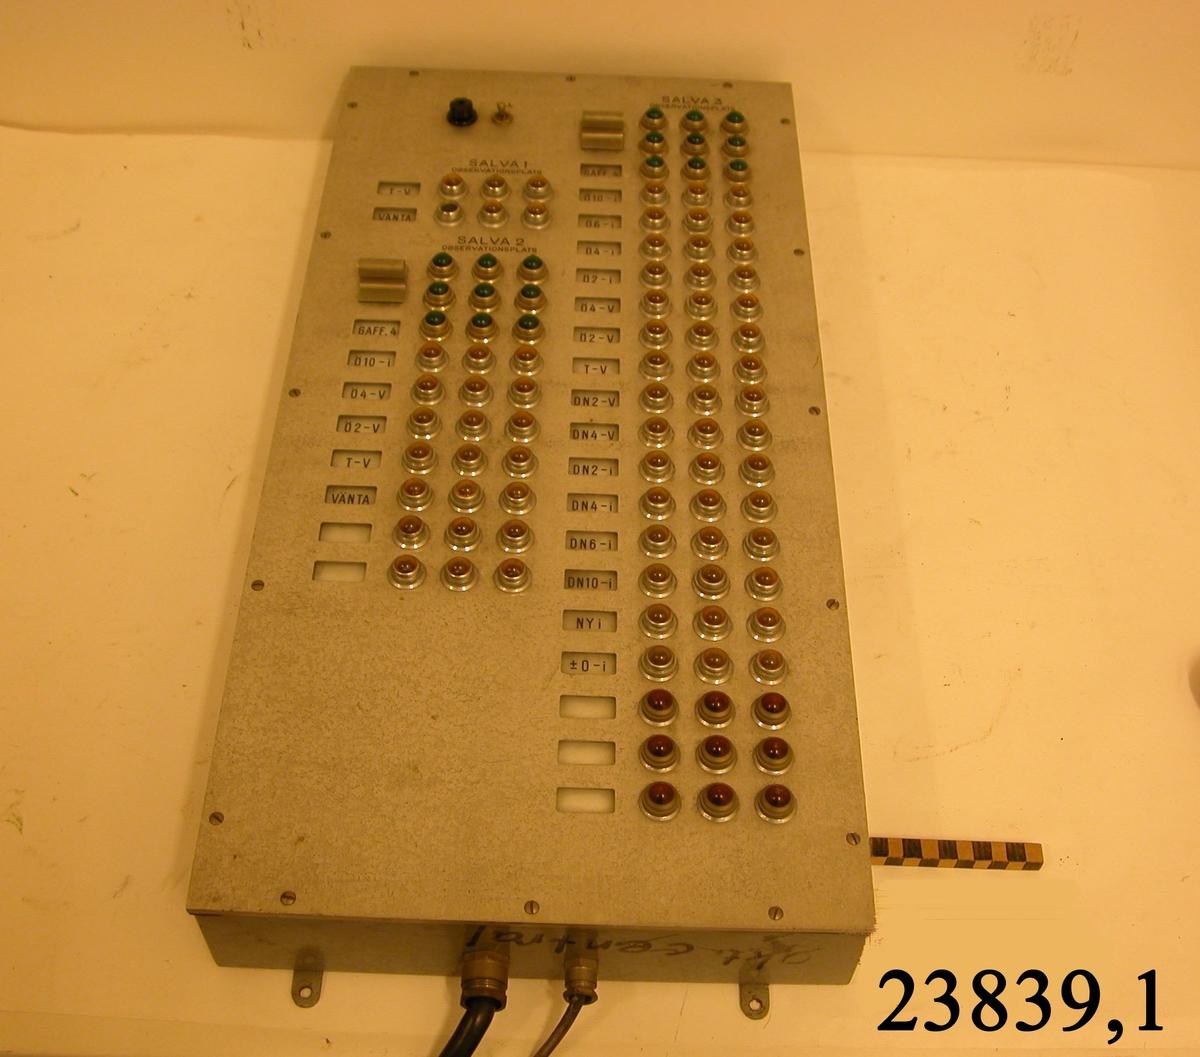 """Rektangulär låda av metall med rader av kontrollampor av gul och grön plast. Vid sidan av lampraderana, små fönster som visar olika siffer och bokstavs kombinationer för """" SALVA 1, Observationsplatser 1,2,3. SALVA 2, Observationsplatser 1,2,3 och SALVA 3, Observationsplatser 1,2,3, Överst en knapp """" TILL """""""